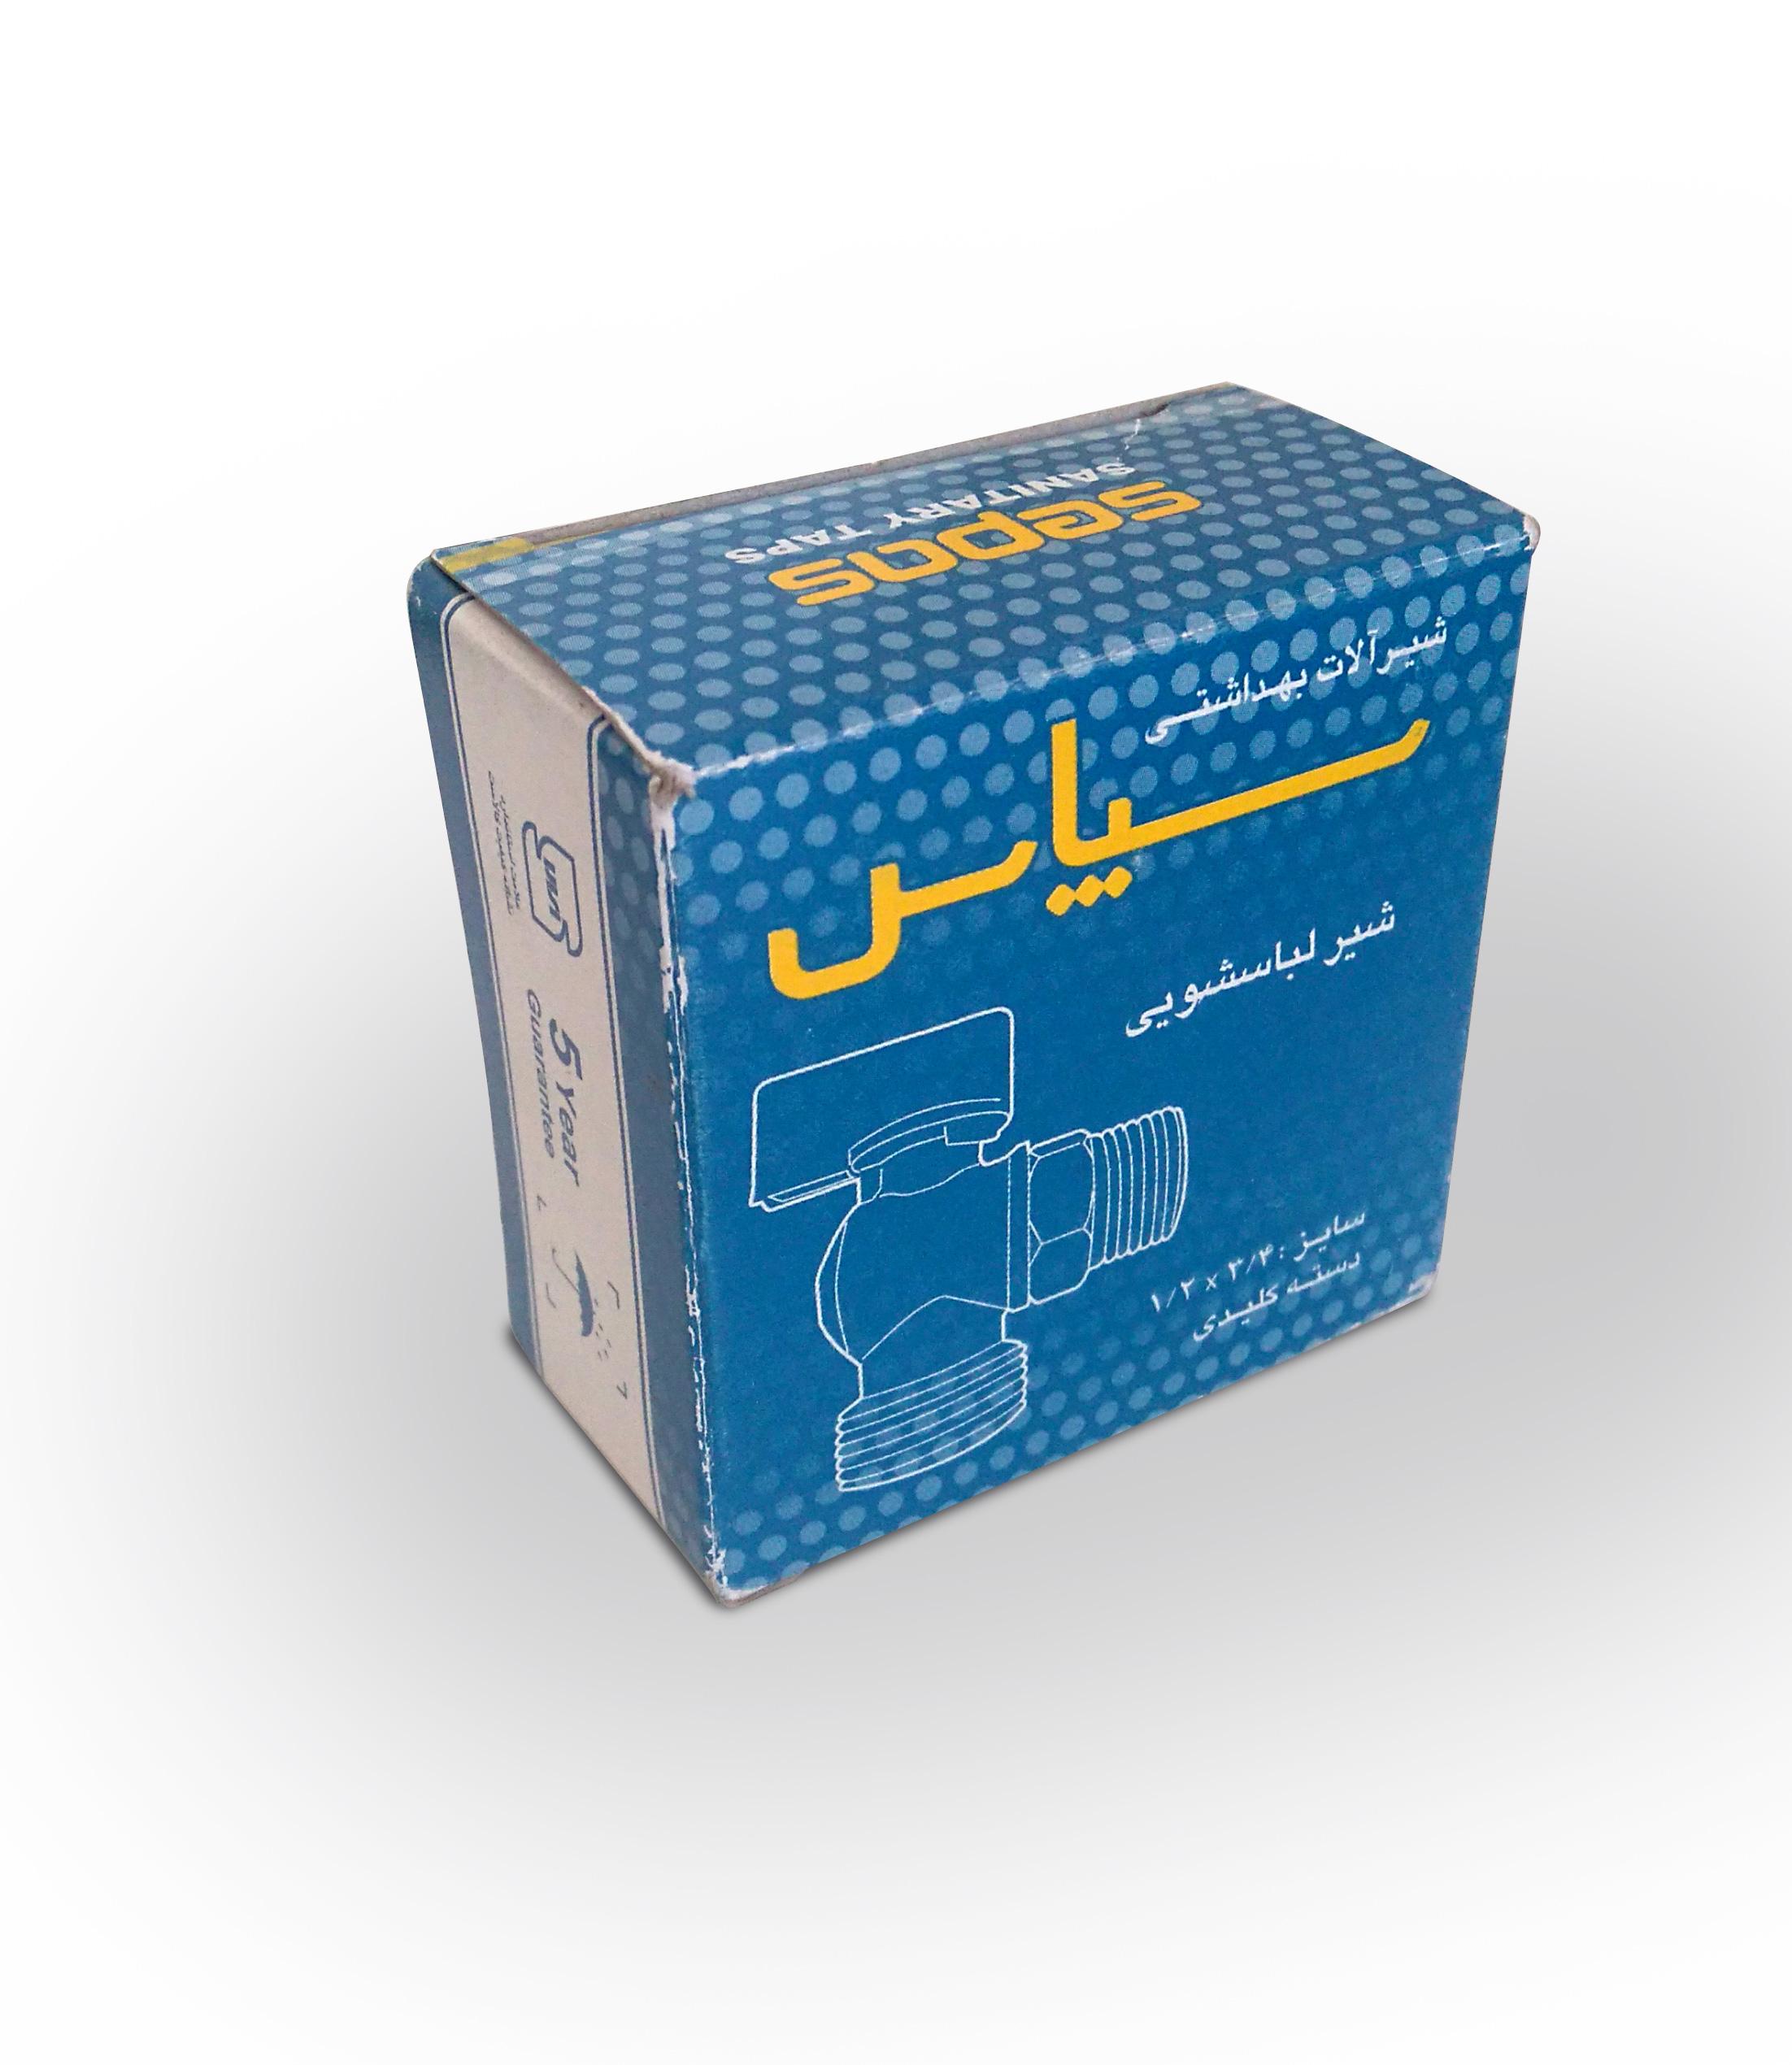 چاپ و تولید جعبه ی لوازم یدکی